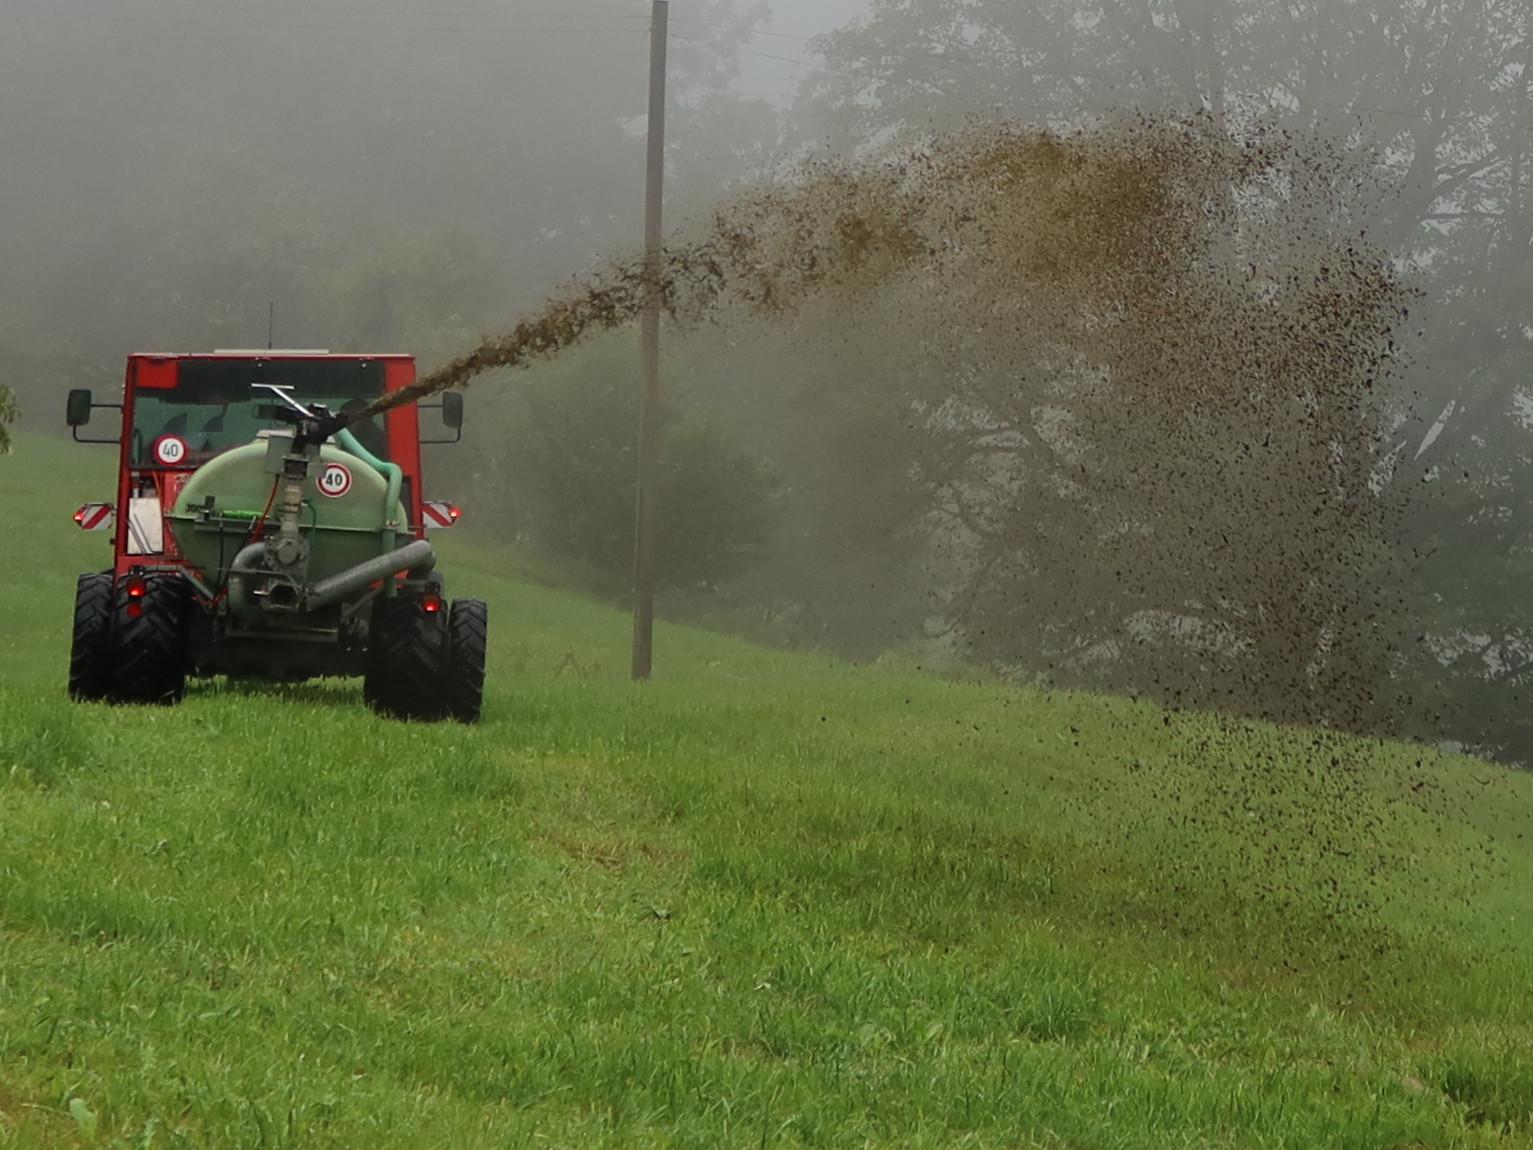 Am 3.8.20 hat ein Bauer Gülle am Hang und hier auf ebenem Boden ausgebracht in der Regen-Warnzone 3 von MeteoSchweiz. 50-90 mm Regen sind prognostiziert für die nächsten 24 Stunden. Lokal sind durch Gewitter höhere Mengen möglich.